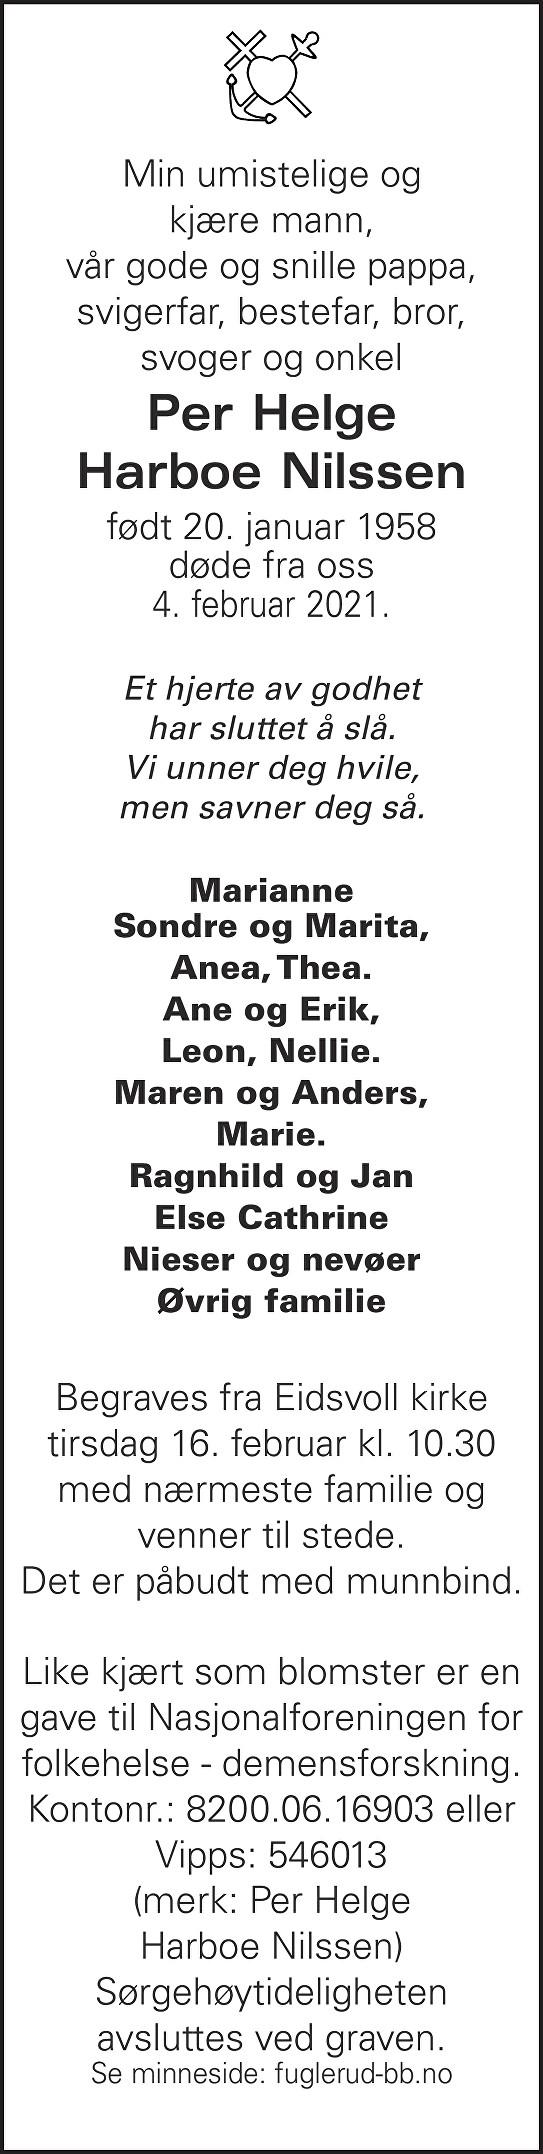 Per Helge Harboe Nilssen Dødsannonse